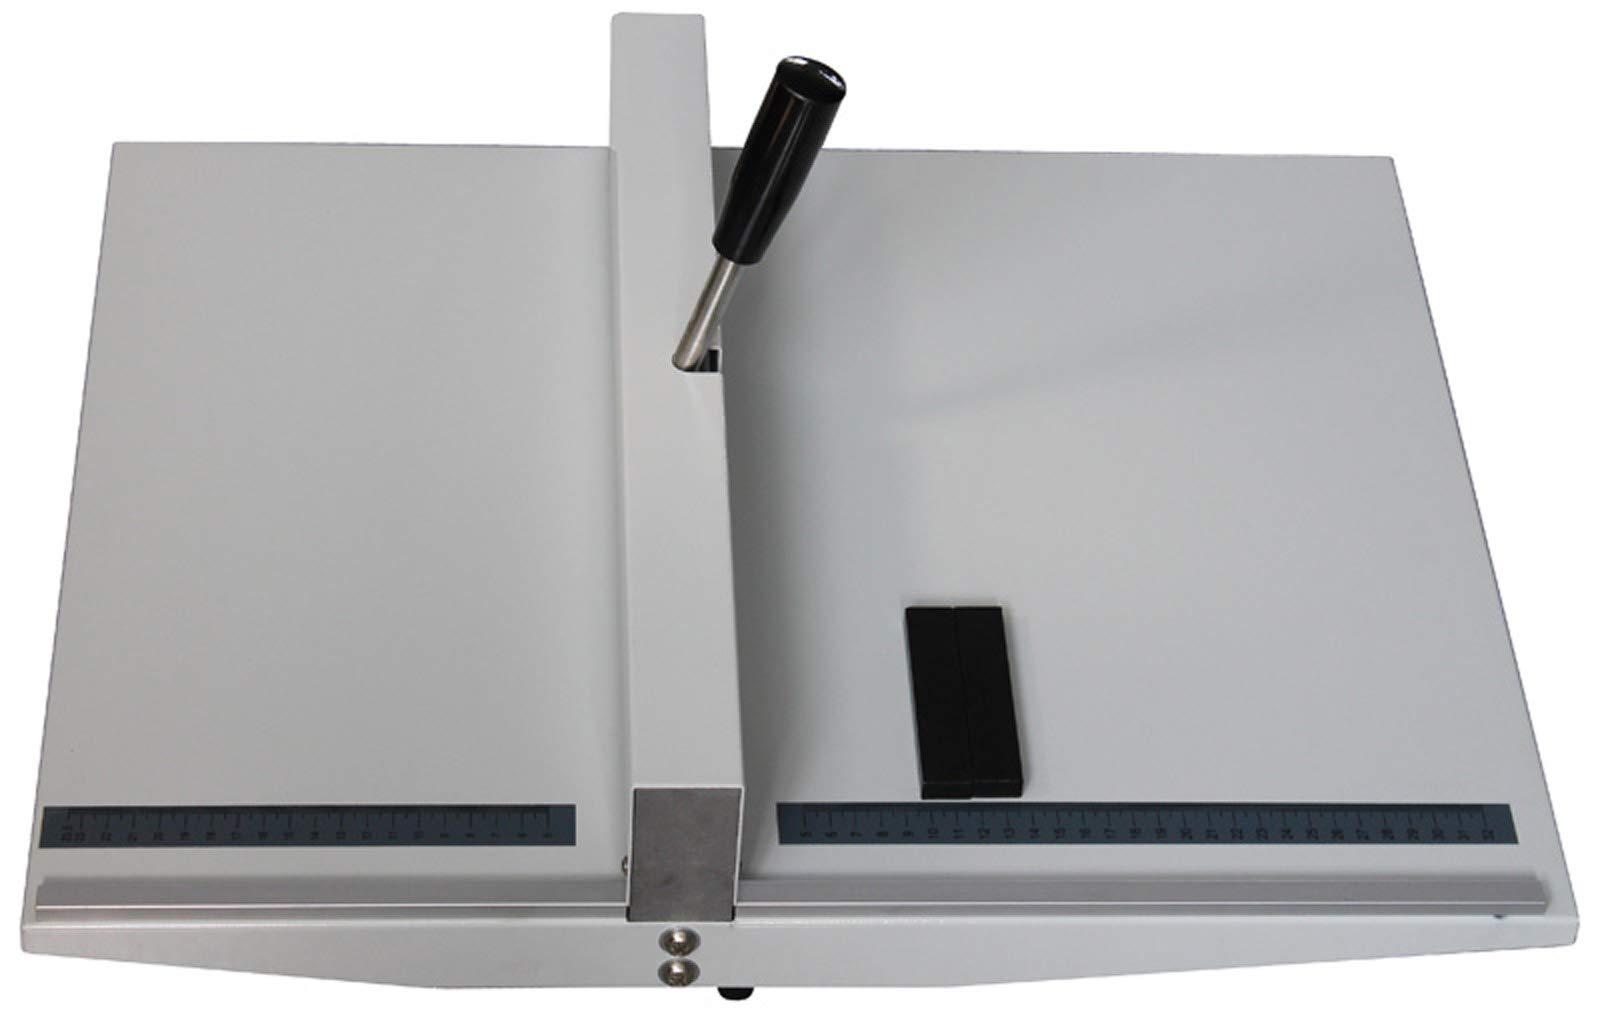 INTBUYING Manual 14'' 360mm Scoring Paper Creasing Machine Scorer Creaser + 2Magnetic Block by INTBUYING